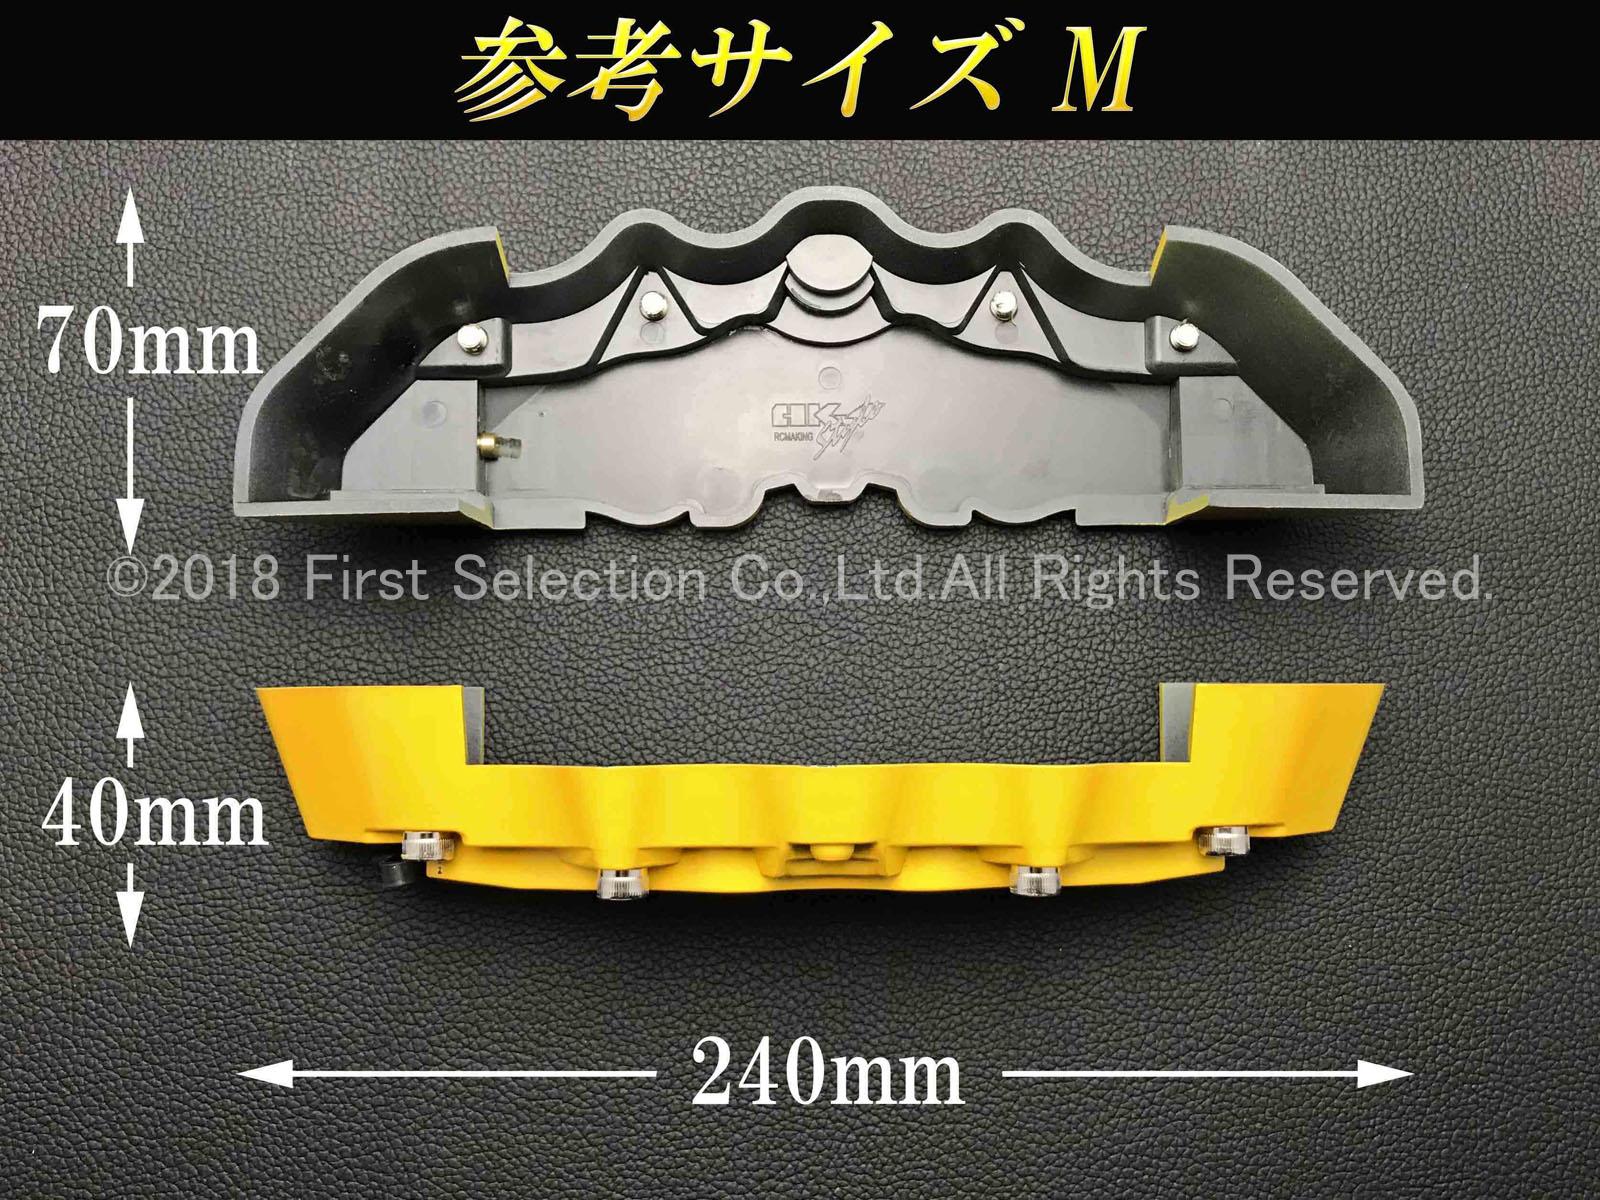 アウディ車 Audi Sportロゴ黒文字 汎用高品質キャリパーカバー黄 L/Mサイズセット